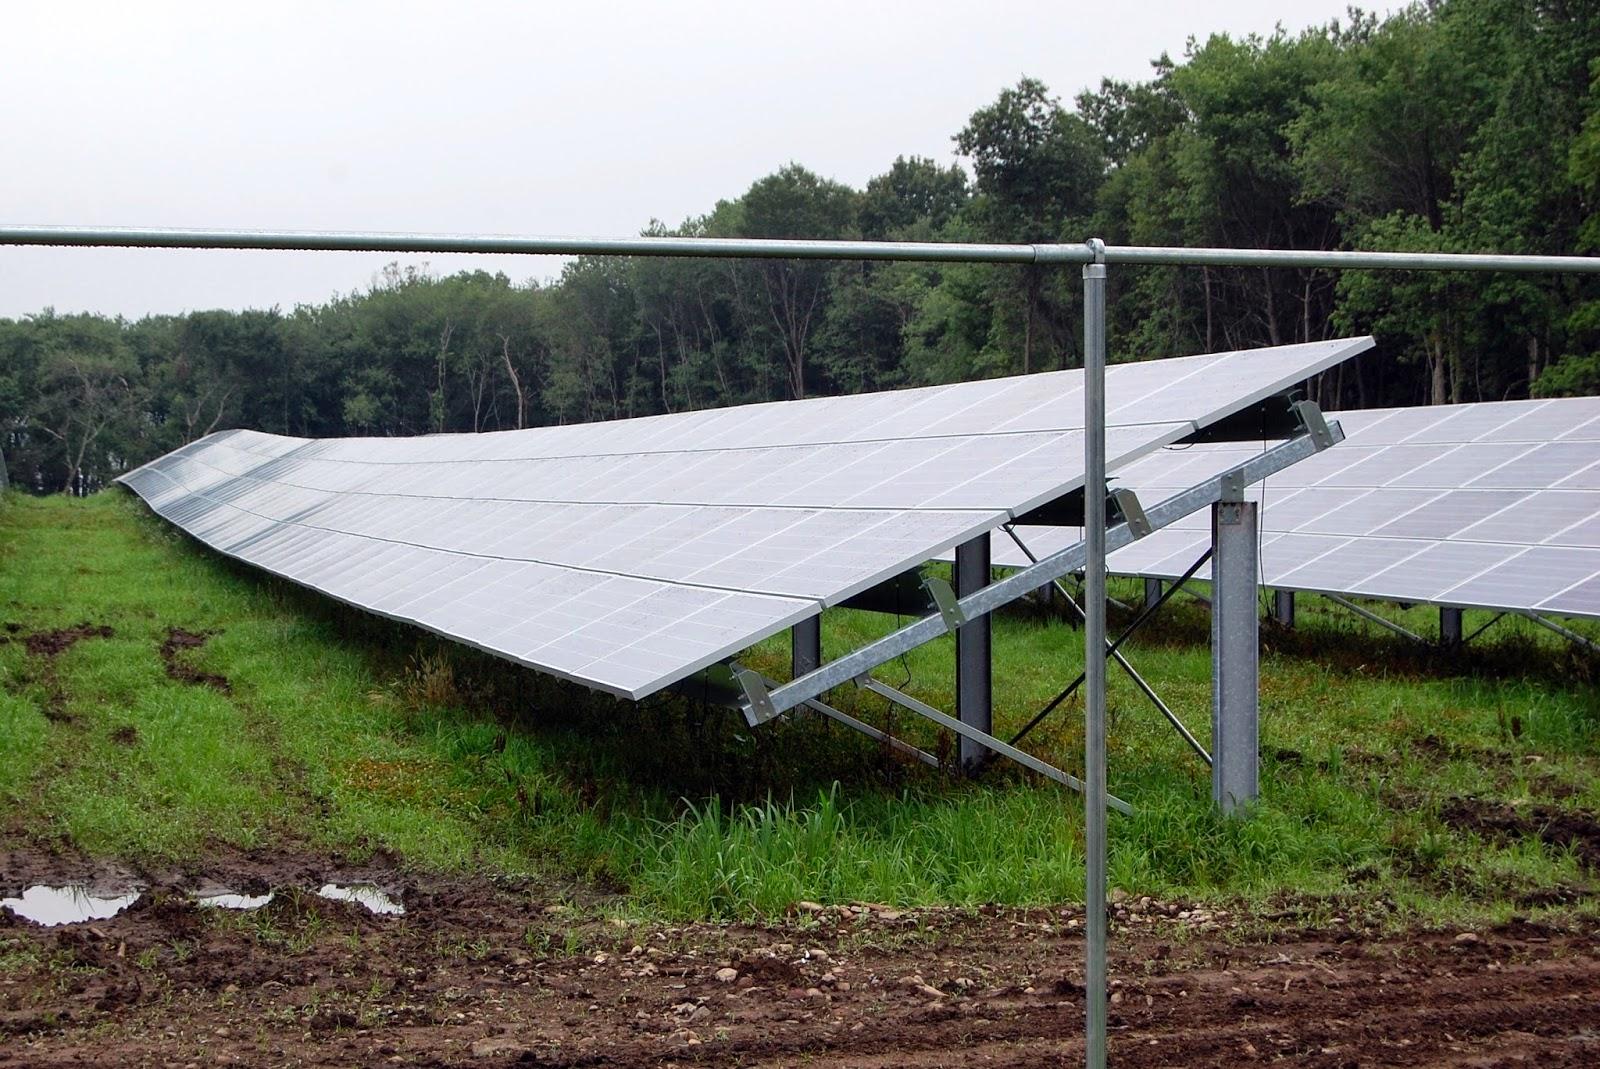 the solar farm at Mt Saint Mary's